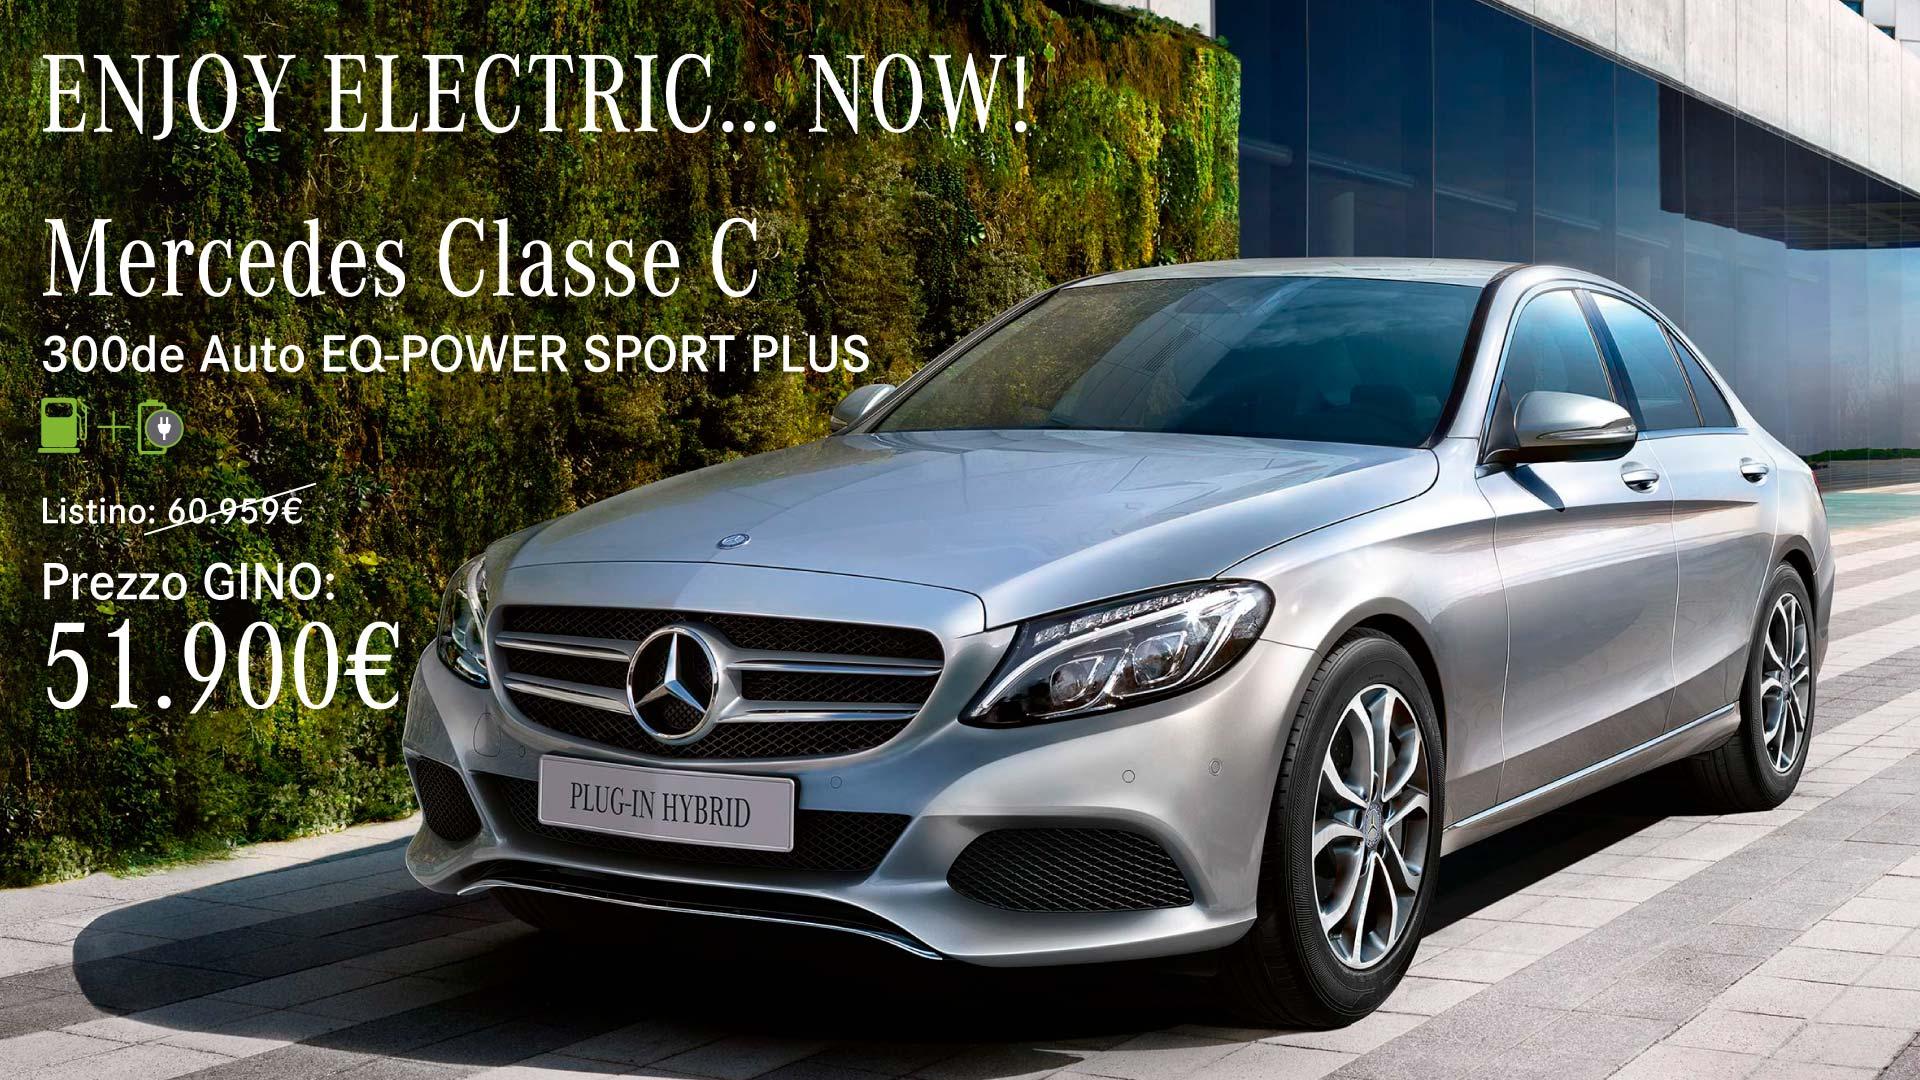 Mercedes Classe C Plug in